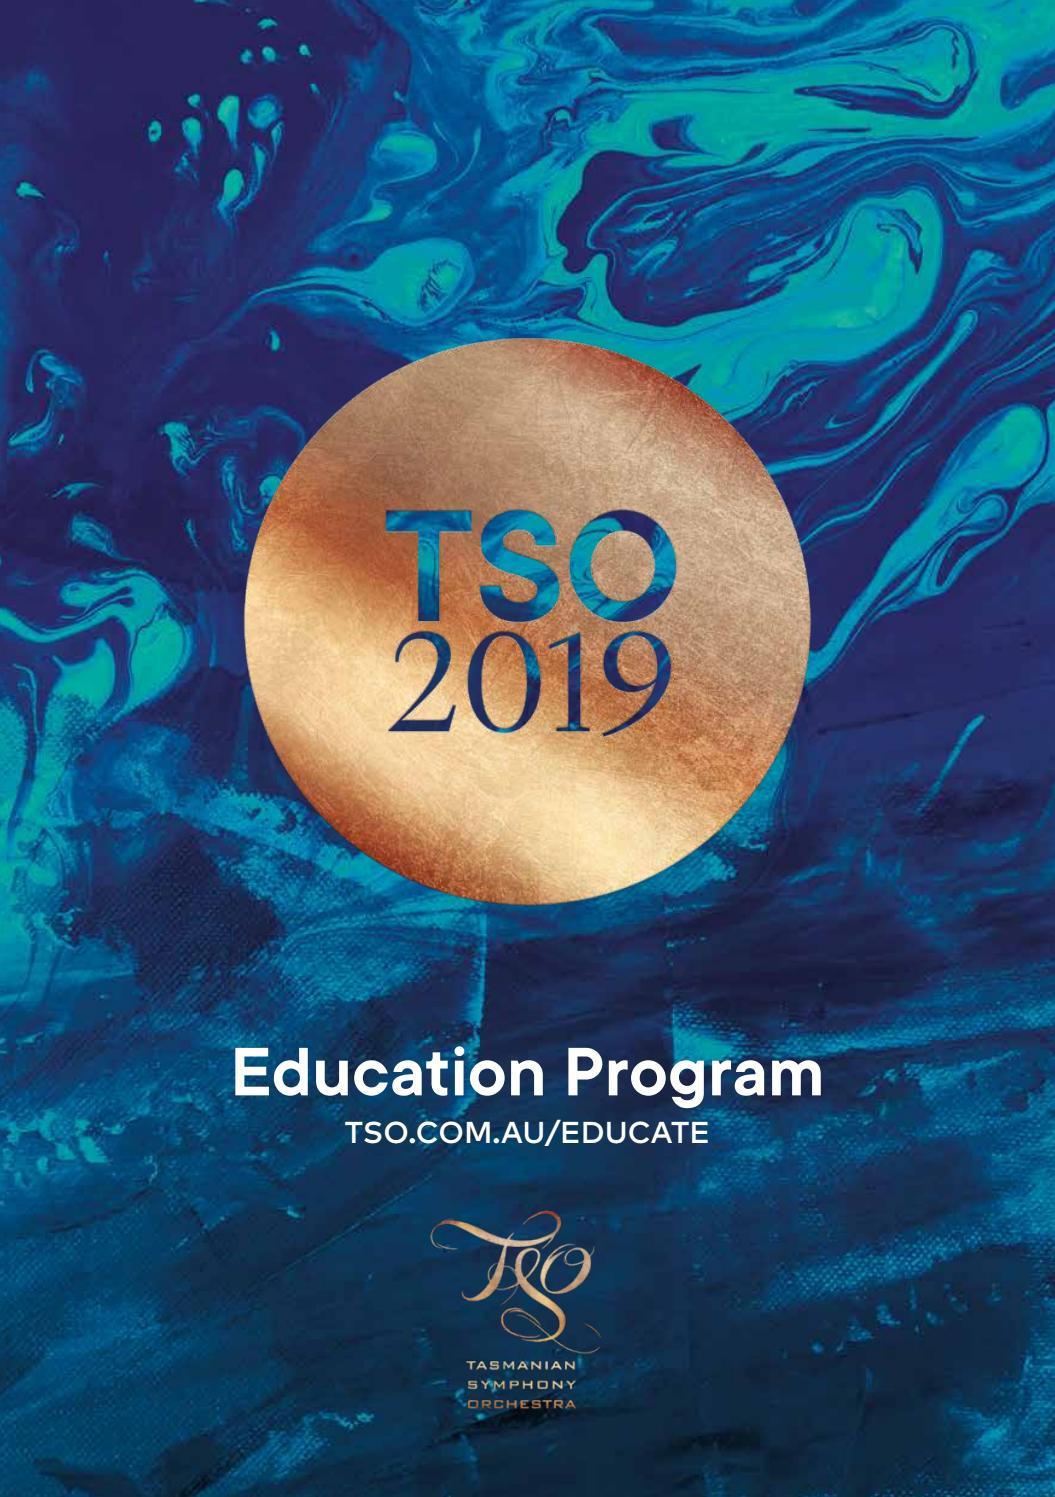 Tasmanian Symphony Orchestra 2019 Education Program by